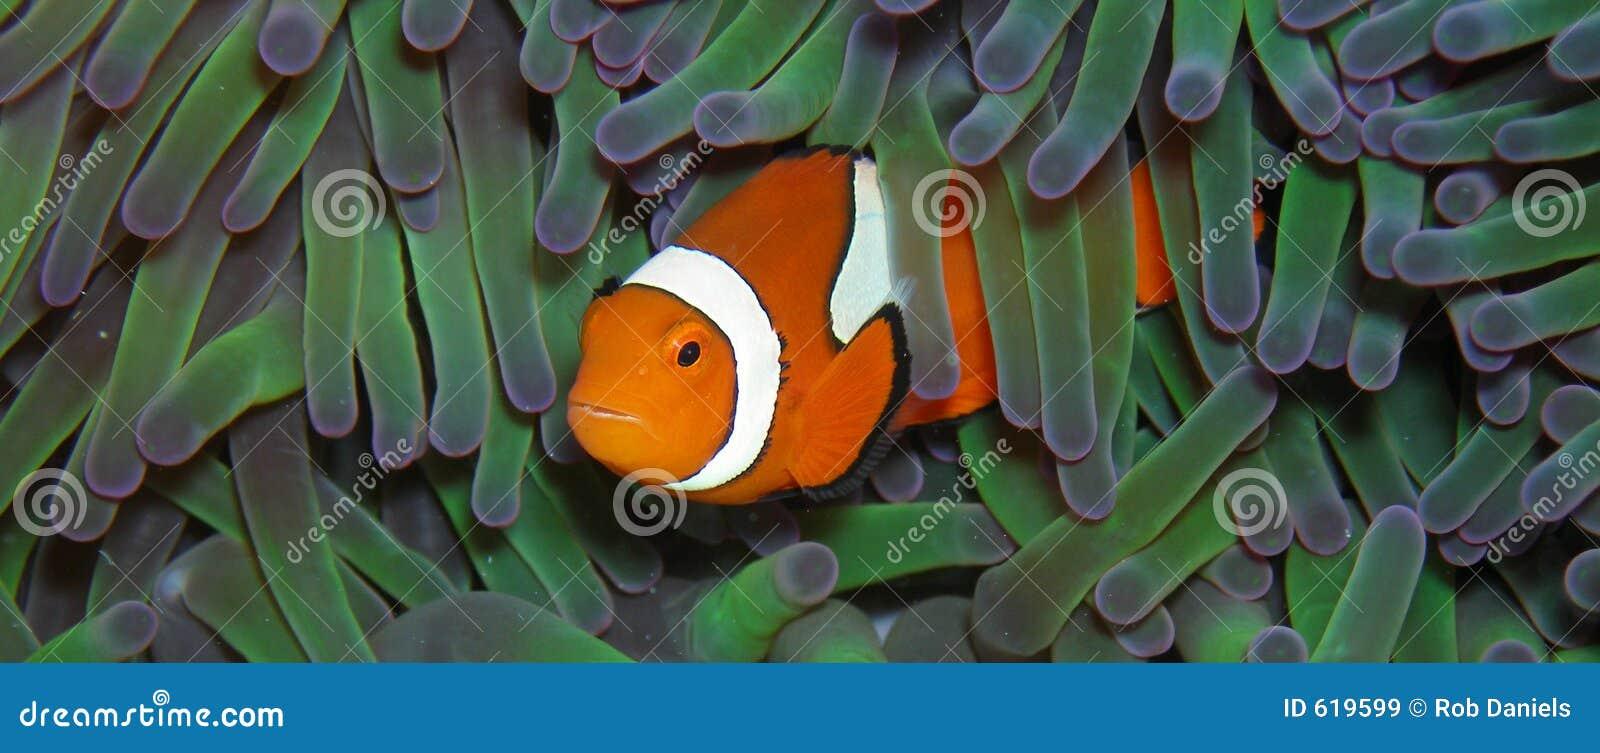 Riktig anemonefishclown